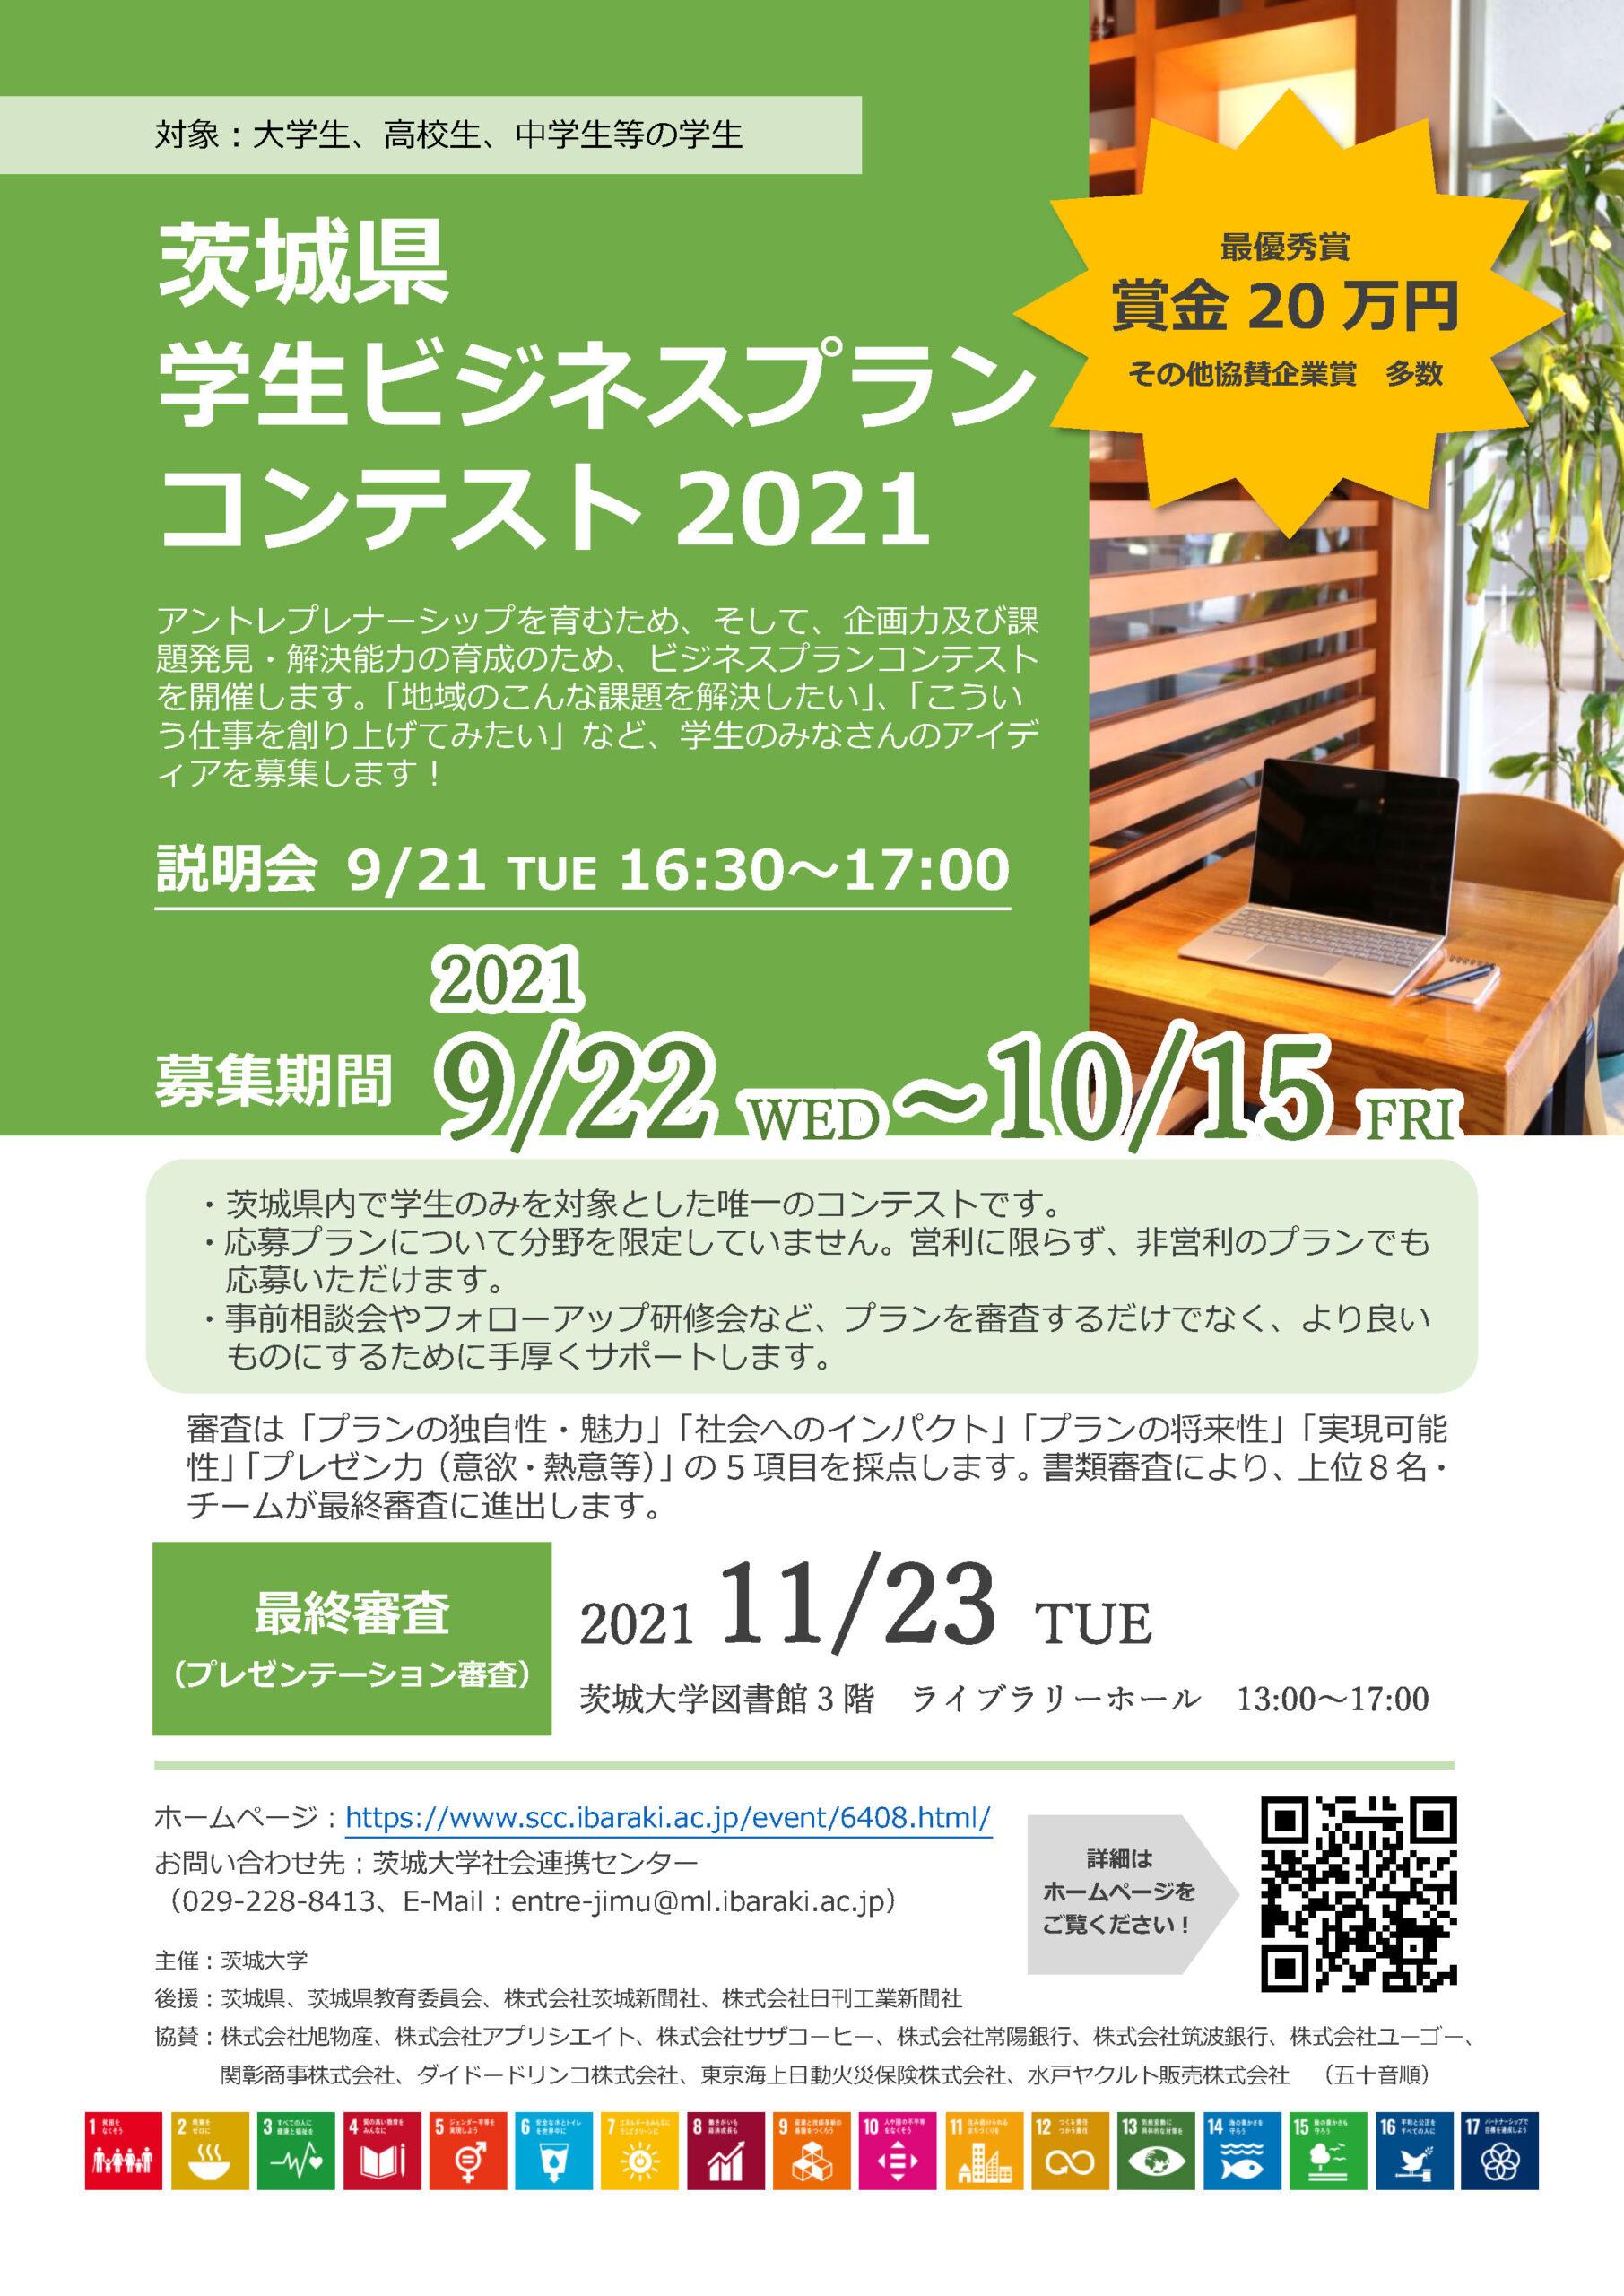 茨城県学生ビジネスプランコンテスト2021を開催します!